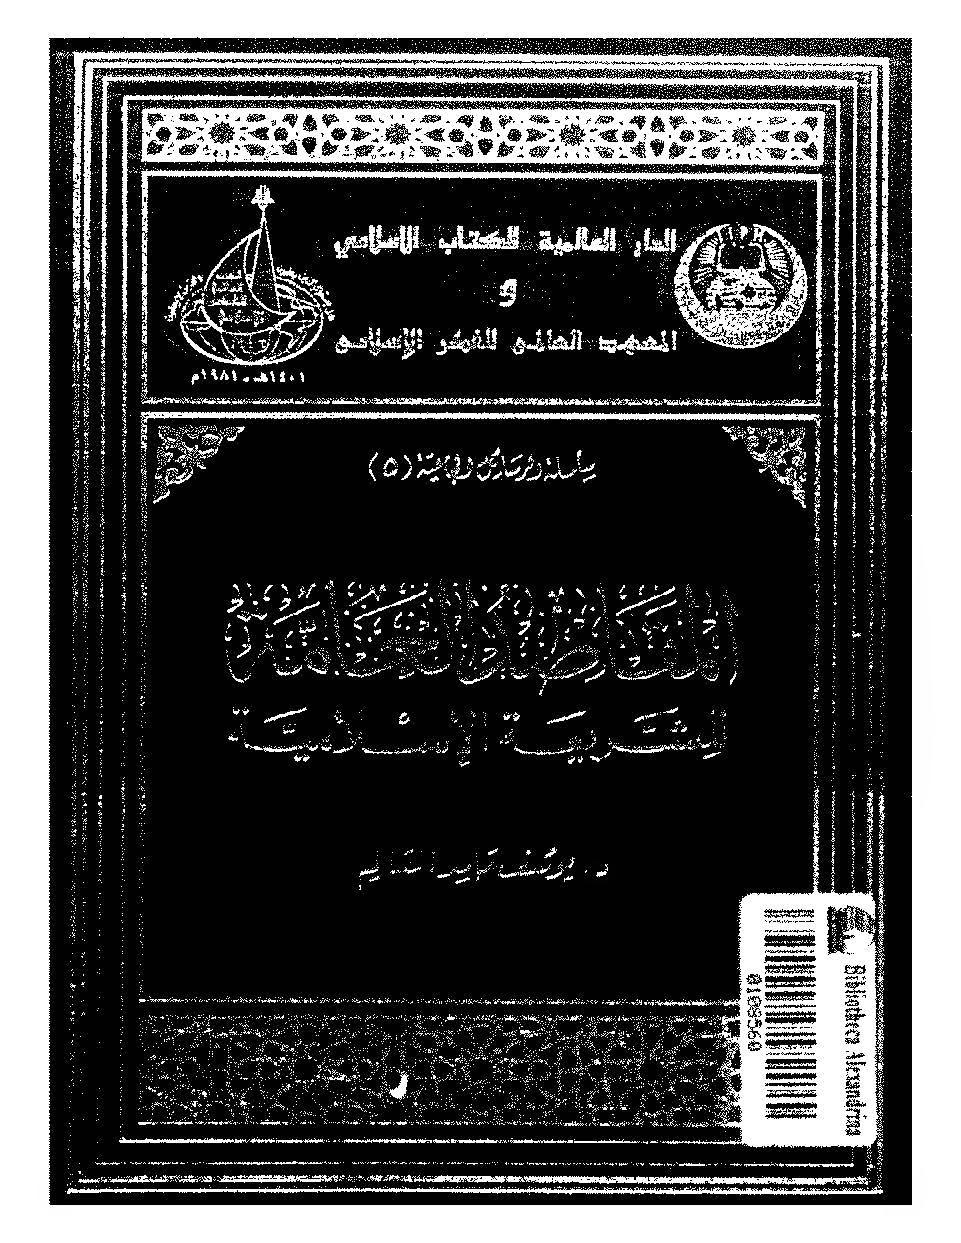 المقاصد العامة للشريعة الإسلامية لـ يوسف حامد العالم